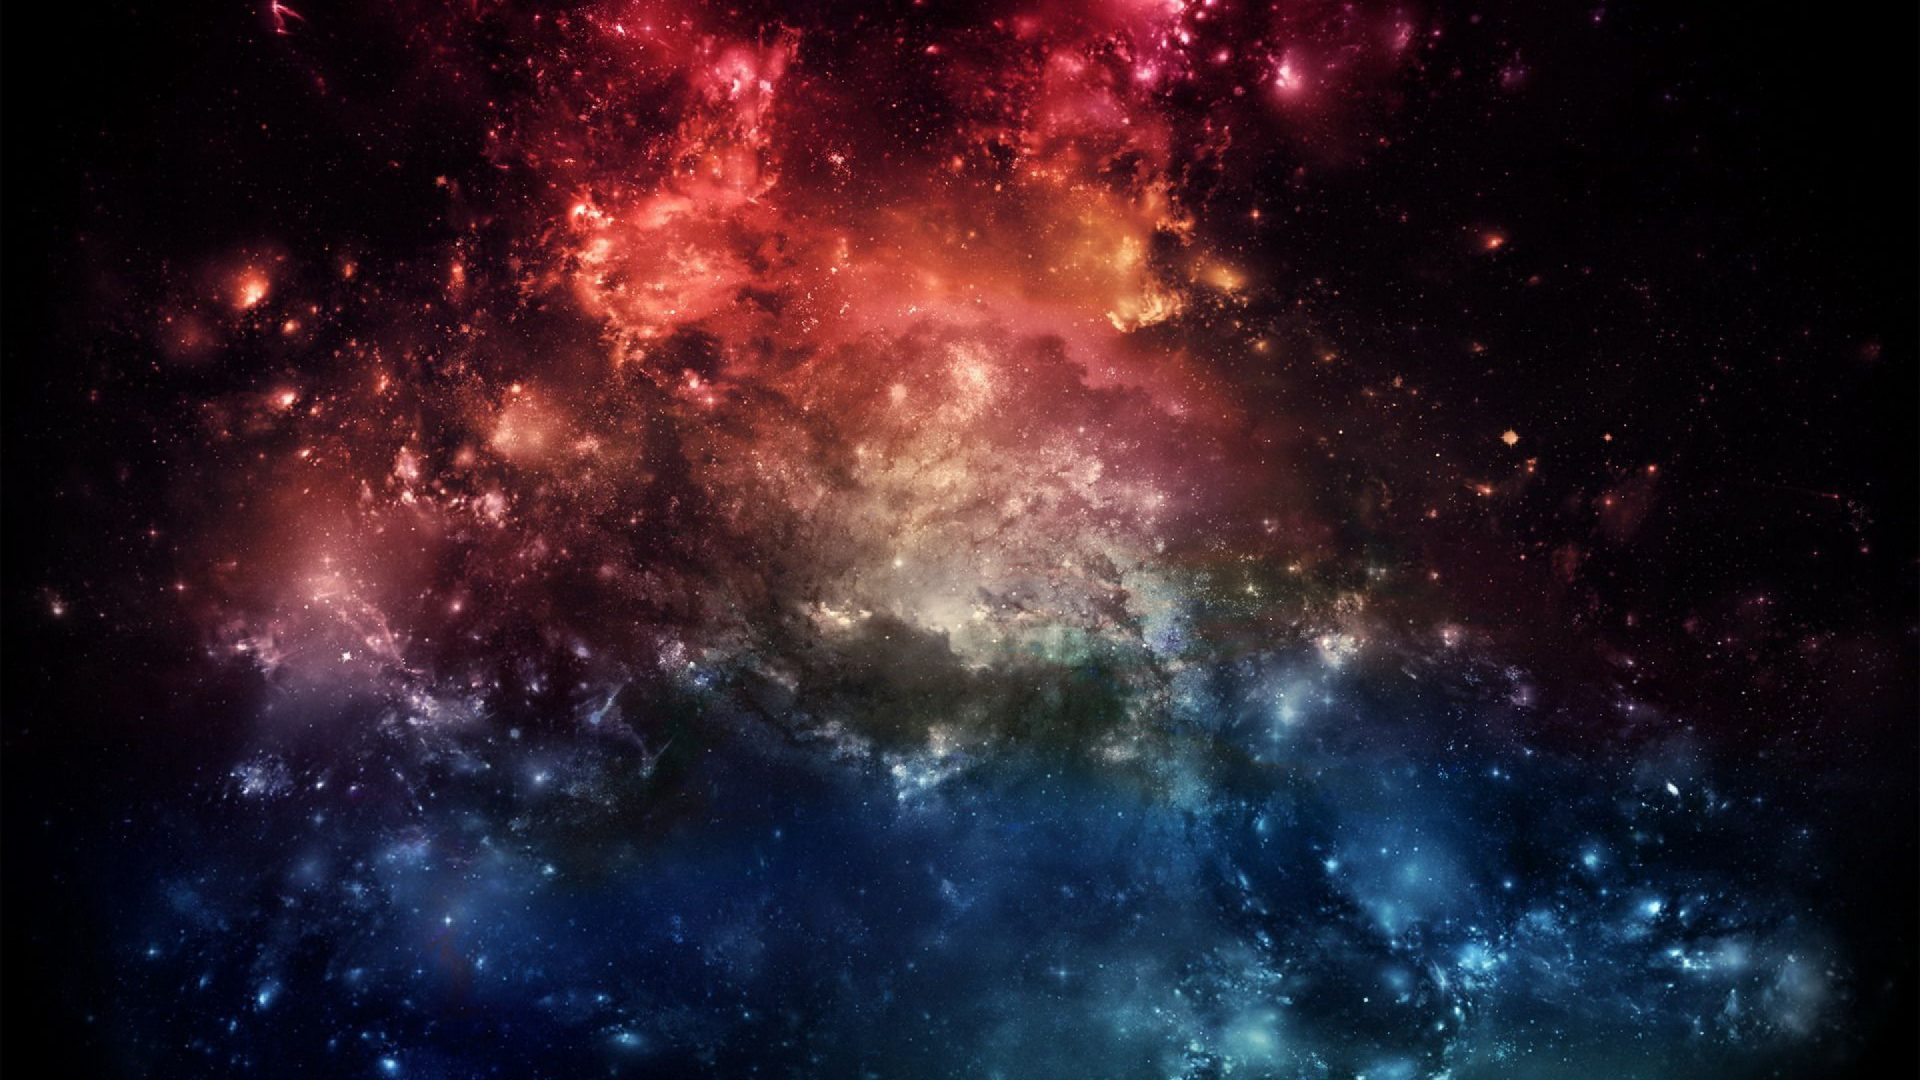 galaxy 4k wallpaper backgrounds Wallpaper Download - High ...